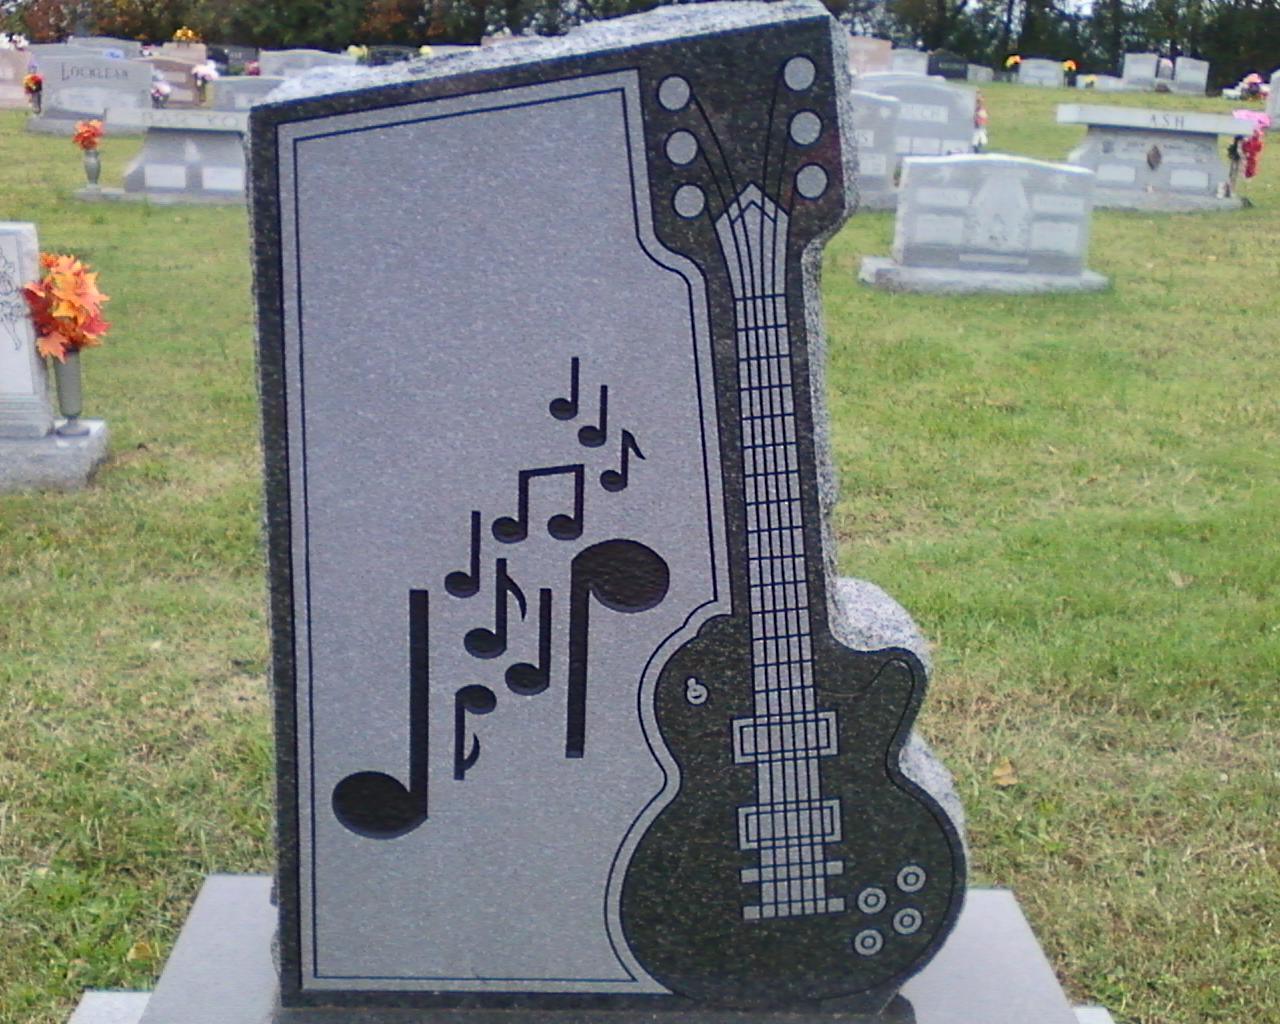 http://3.bp.blogspot.com/-dsbRJXADaE4/TqM1LButchI/AAAAAAAAAPM/-oSxQ9YGQaY/s1600/guitartombstone.jpg